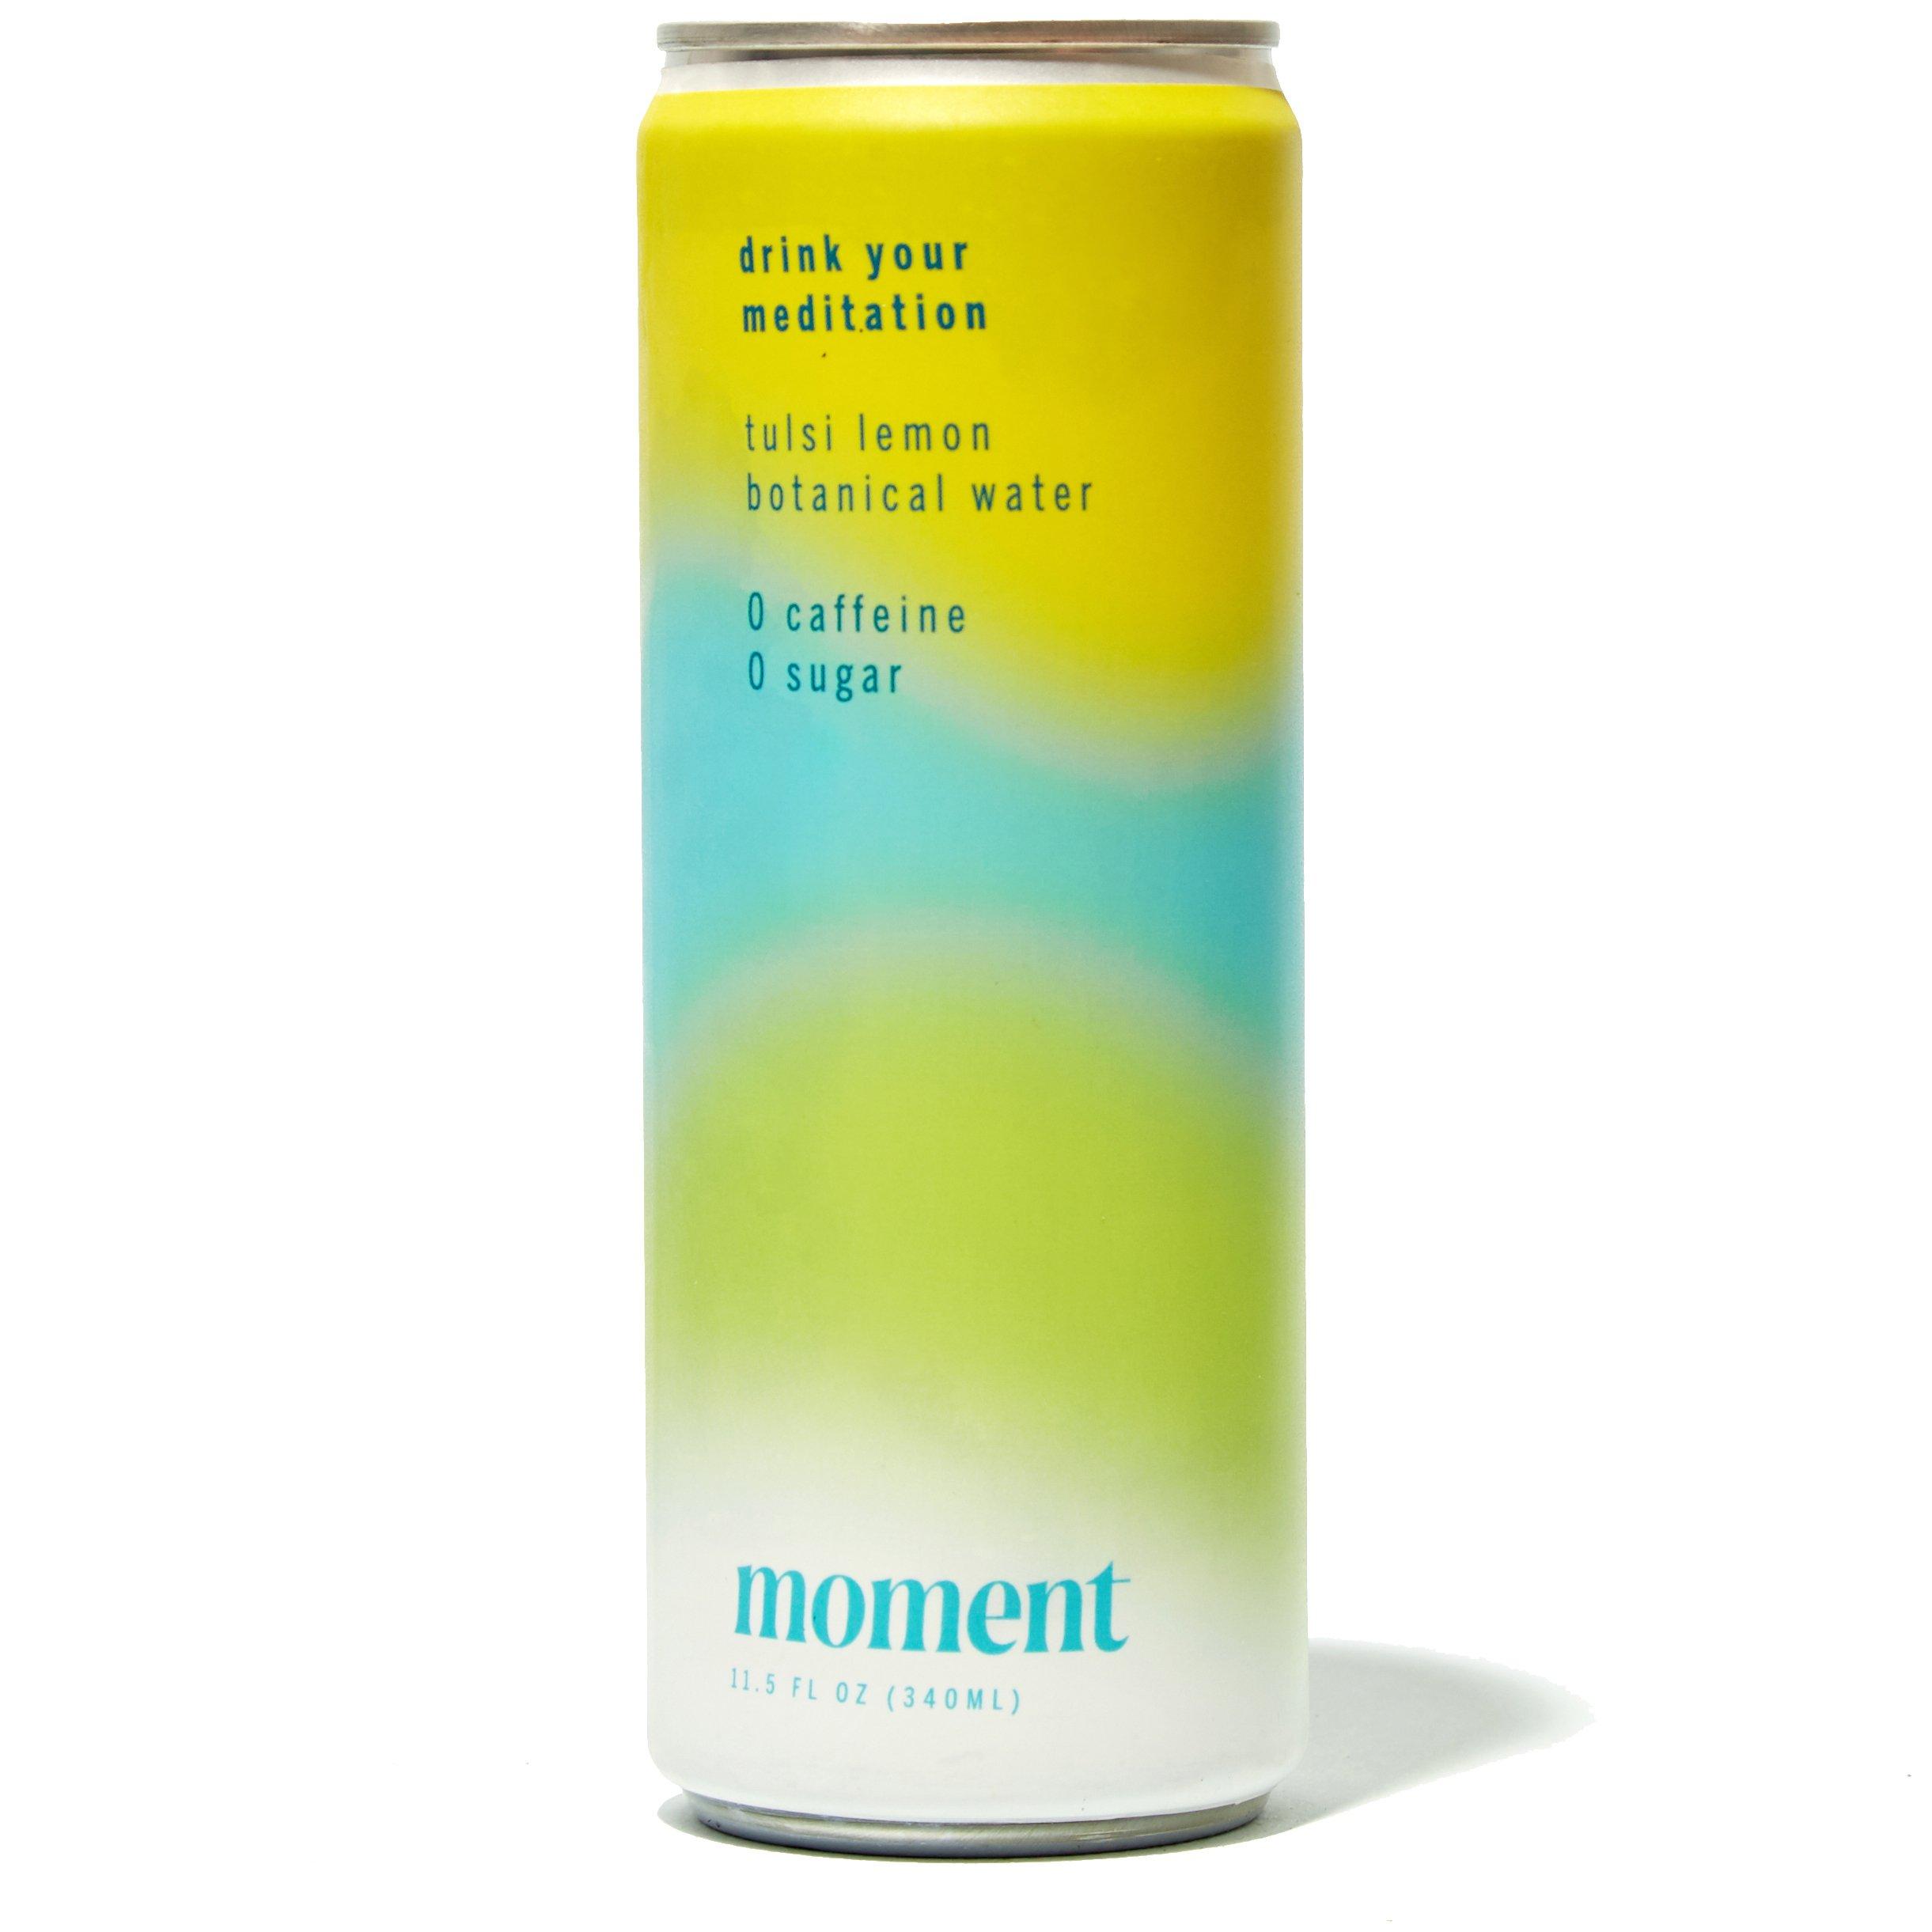 Tulsi Lemon Botanical Water (12-Pack)